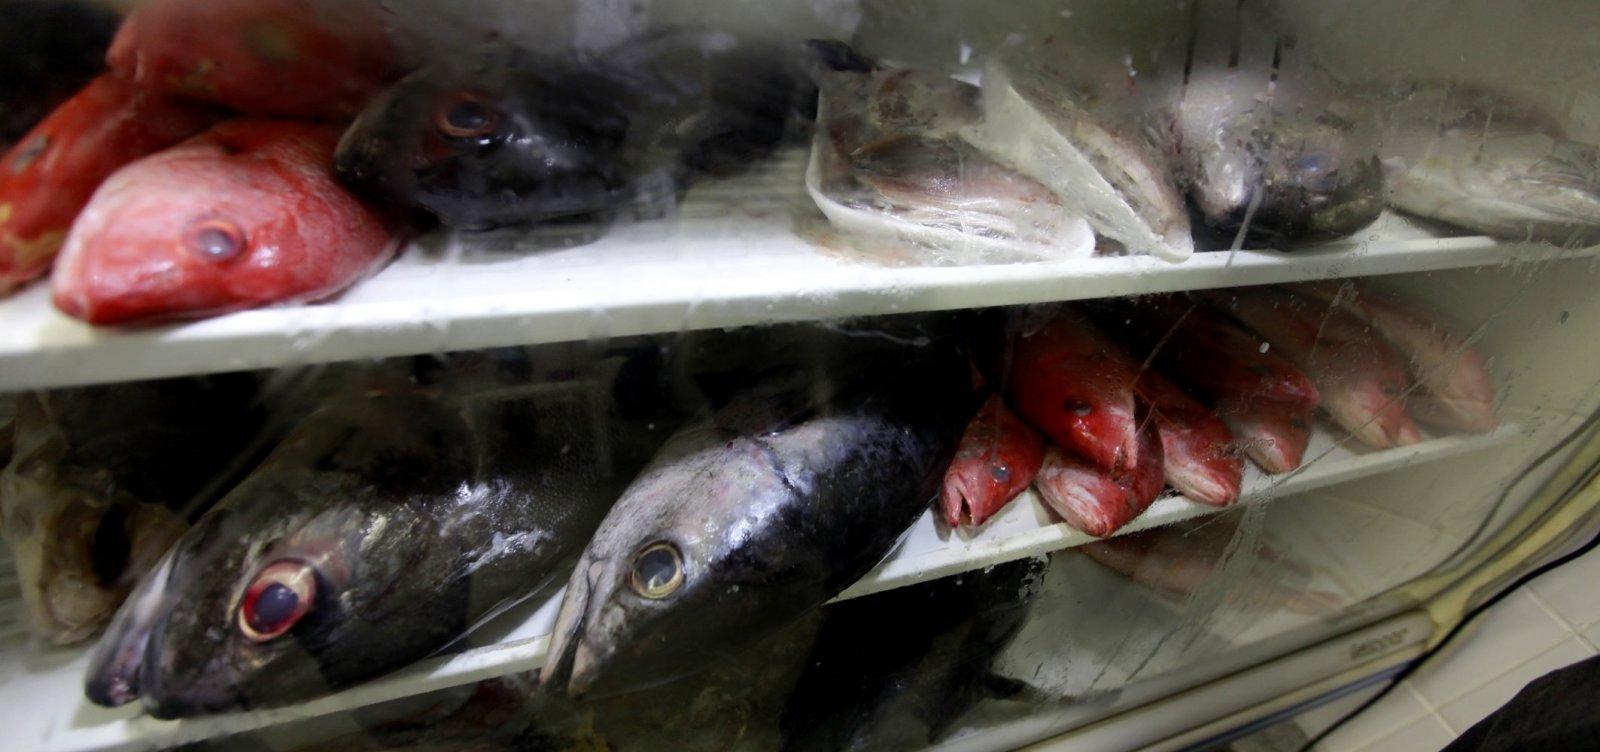 Análise aponta que pescado está próprio para consumo após contaminação por óleo na Bahia